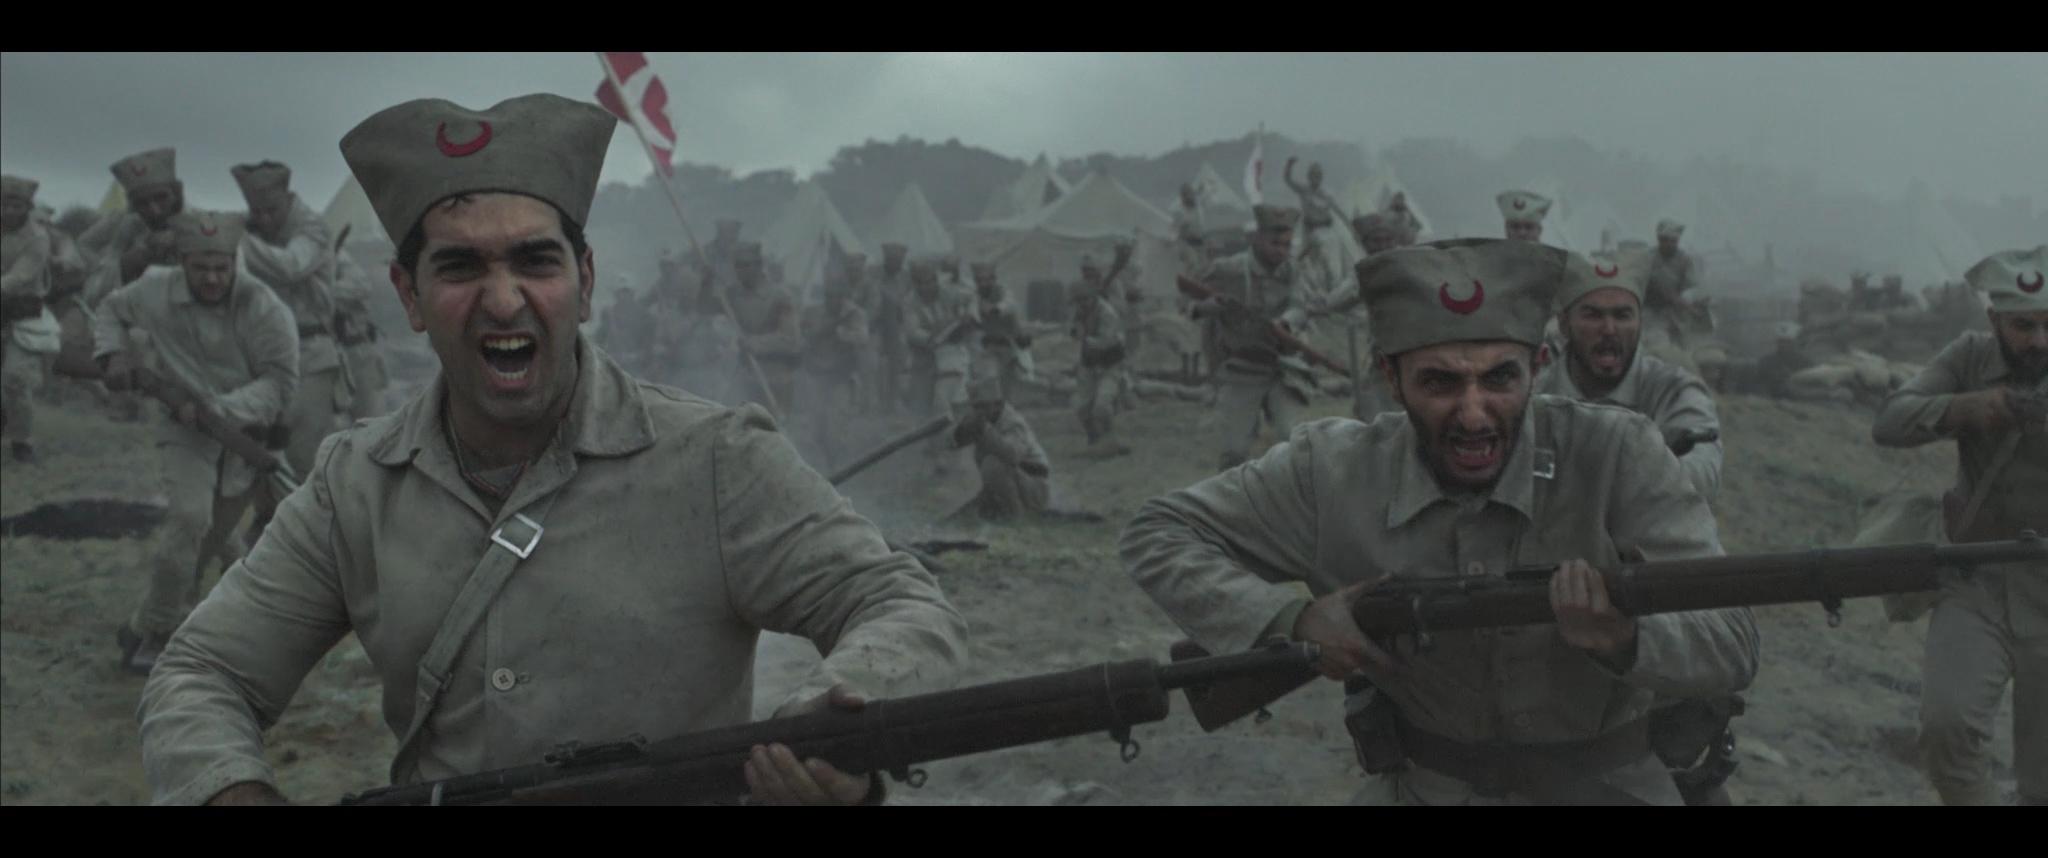 SOCAR Türkiye'den 29 Ekim Cumhuriyet Bayramı'na özel reklam filmi!